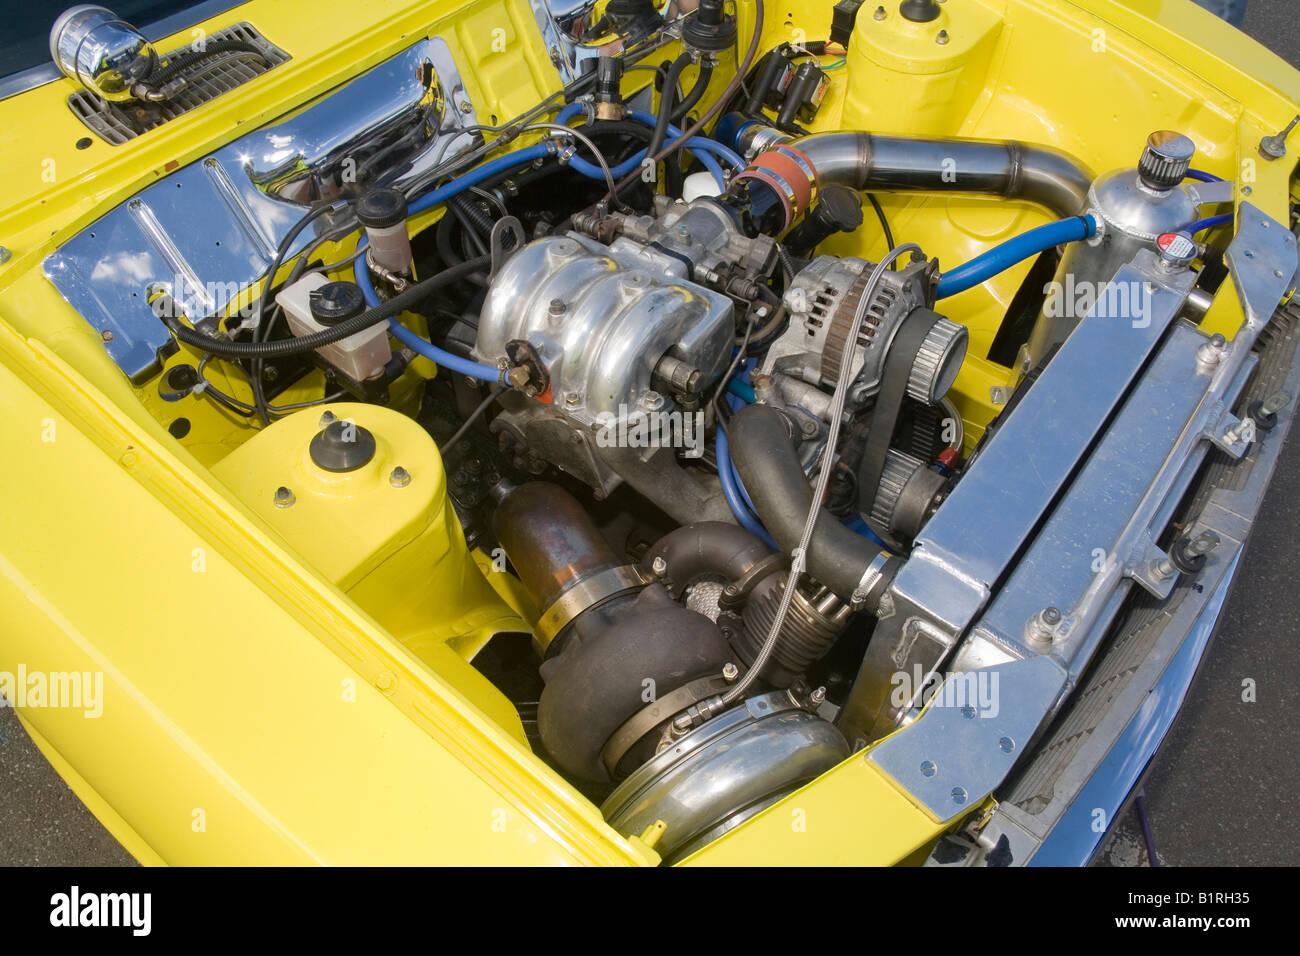 Wankel Engine Stock Photos & Wankel Engine Stock Images - Alamy